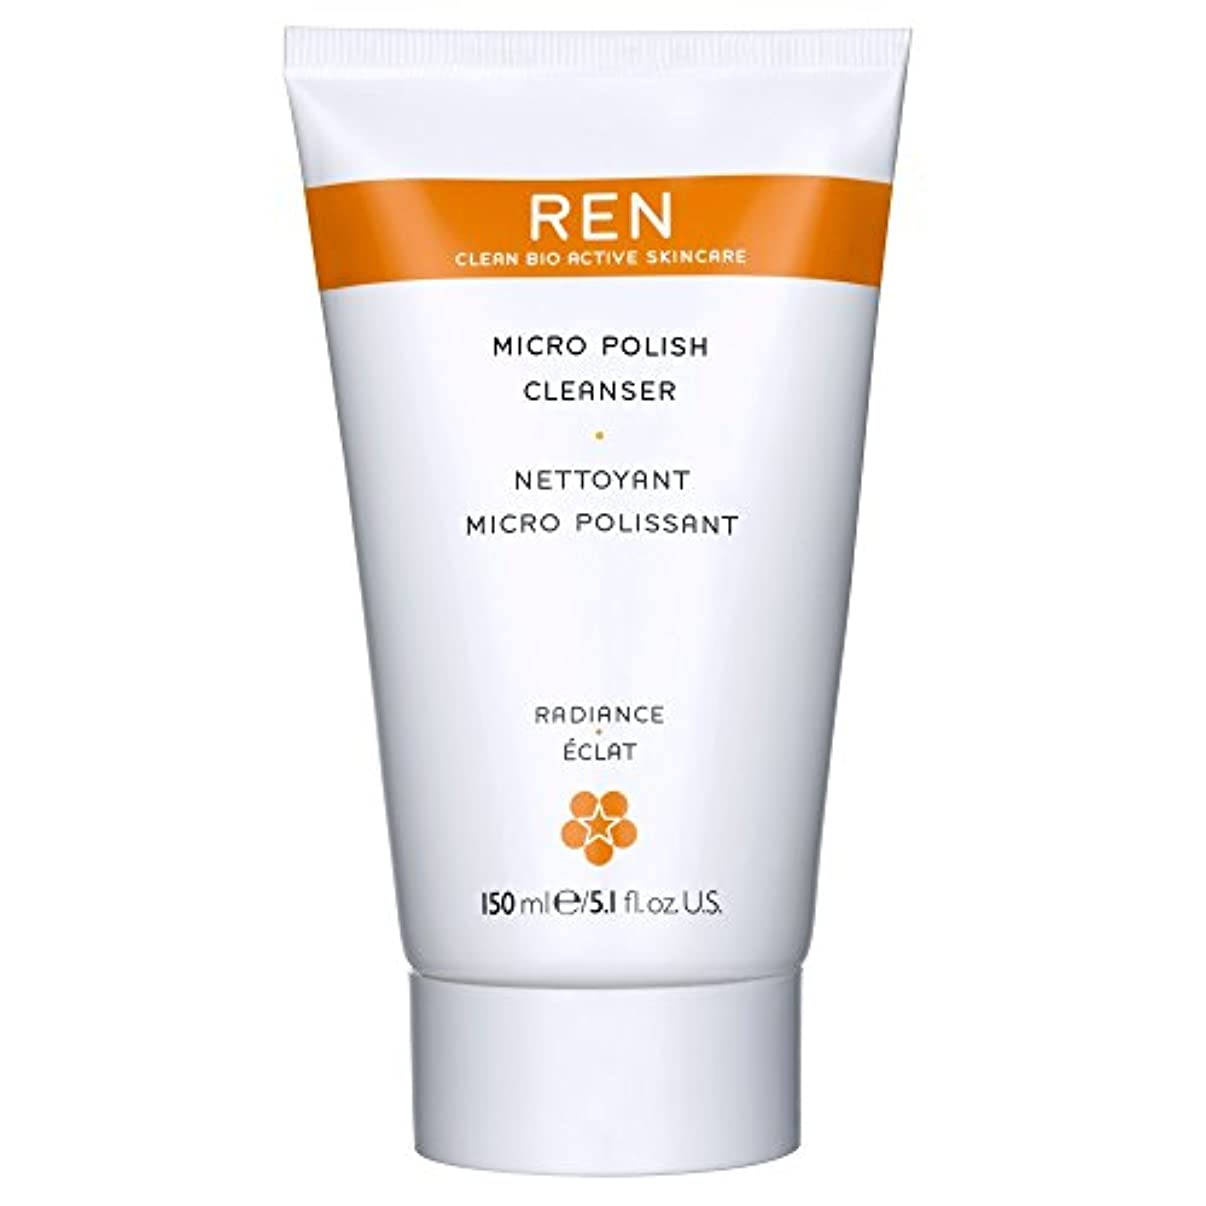 北方かすれた正当なRenミルコ磨きクレンザー、150ミリリットル (REN) - REN Mirco Polish Cleanser, 150ml [並行輸入品]